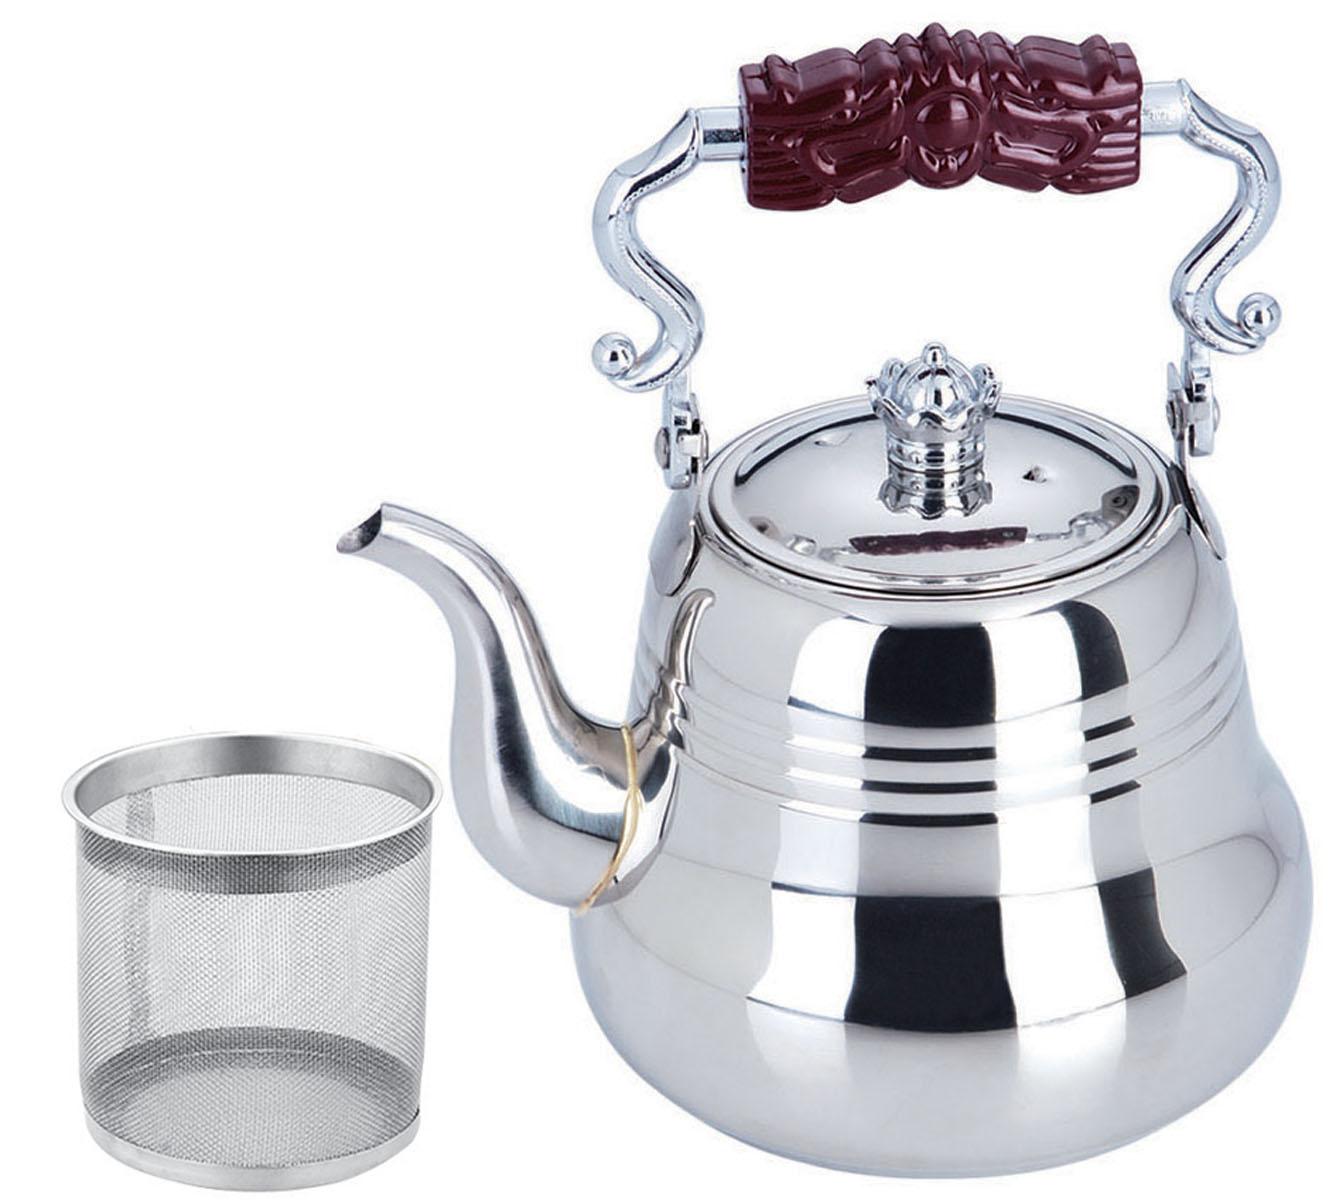 Чайник заварочный Bekker, с ситечком, 1,5 лBK-S497Чайник Bekker выполнен из высококачественной нержавеющей стали, что обеспечивает долговечность использования. Внешнее зеркальное покрытие придает приятный внешний вид. Бакелитовая ручка делает использование чайника очень удобным и безопасным. Чайник снабжен ситечком для заваривания. Можно мыть в посудомоечной машине. Пригоден для всех видов плит, включая индукционные. Высота чайника (без учета крышки и ручки): 10,5 см.Диаметр основания: 11,7 см. Толщина стенки: 0,4 мм.Толщина дна: 1 мм.Высота ситечка: 6 см.